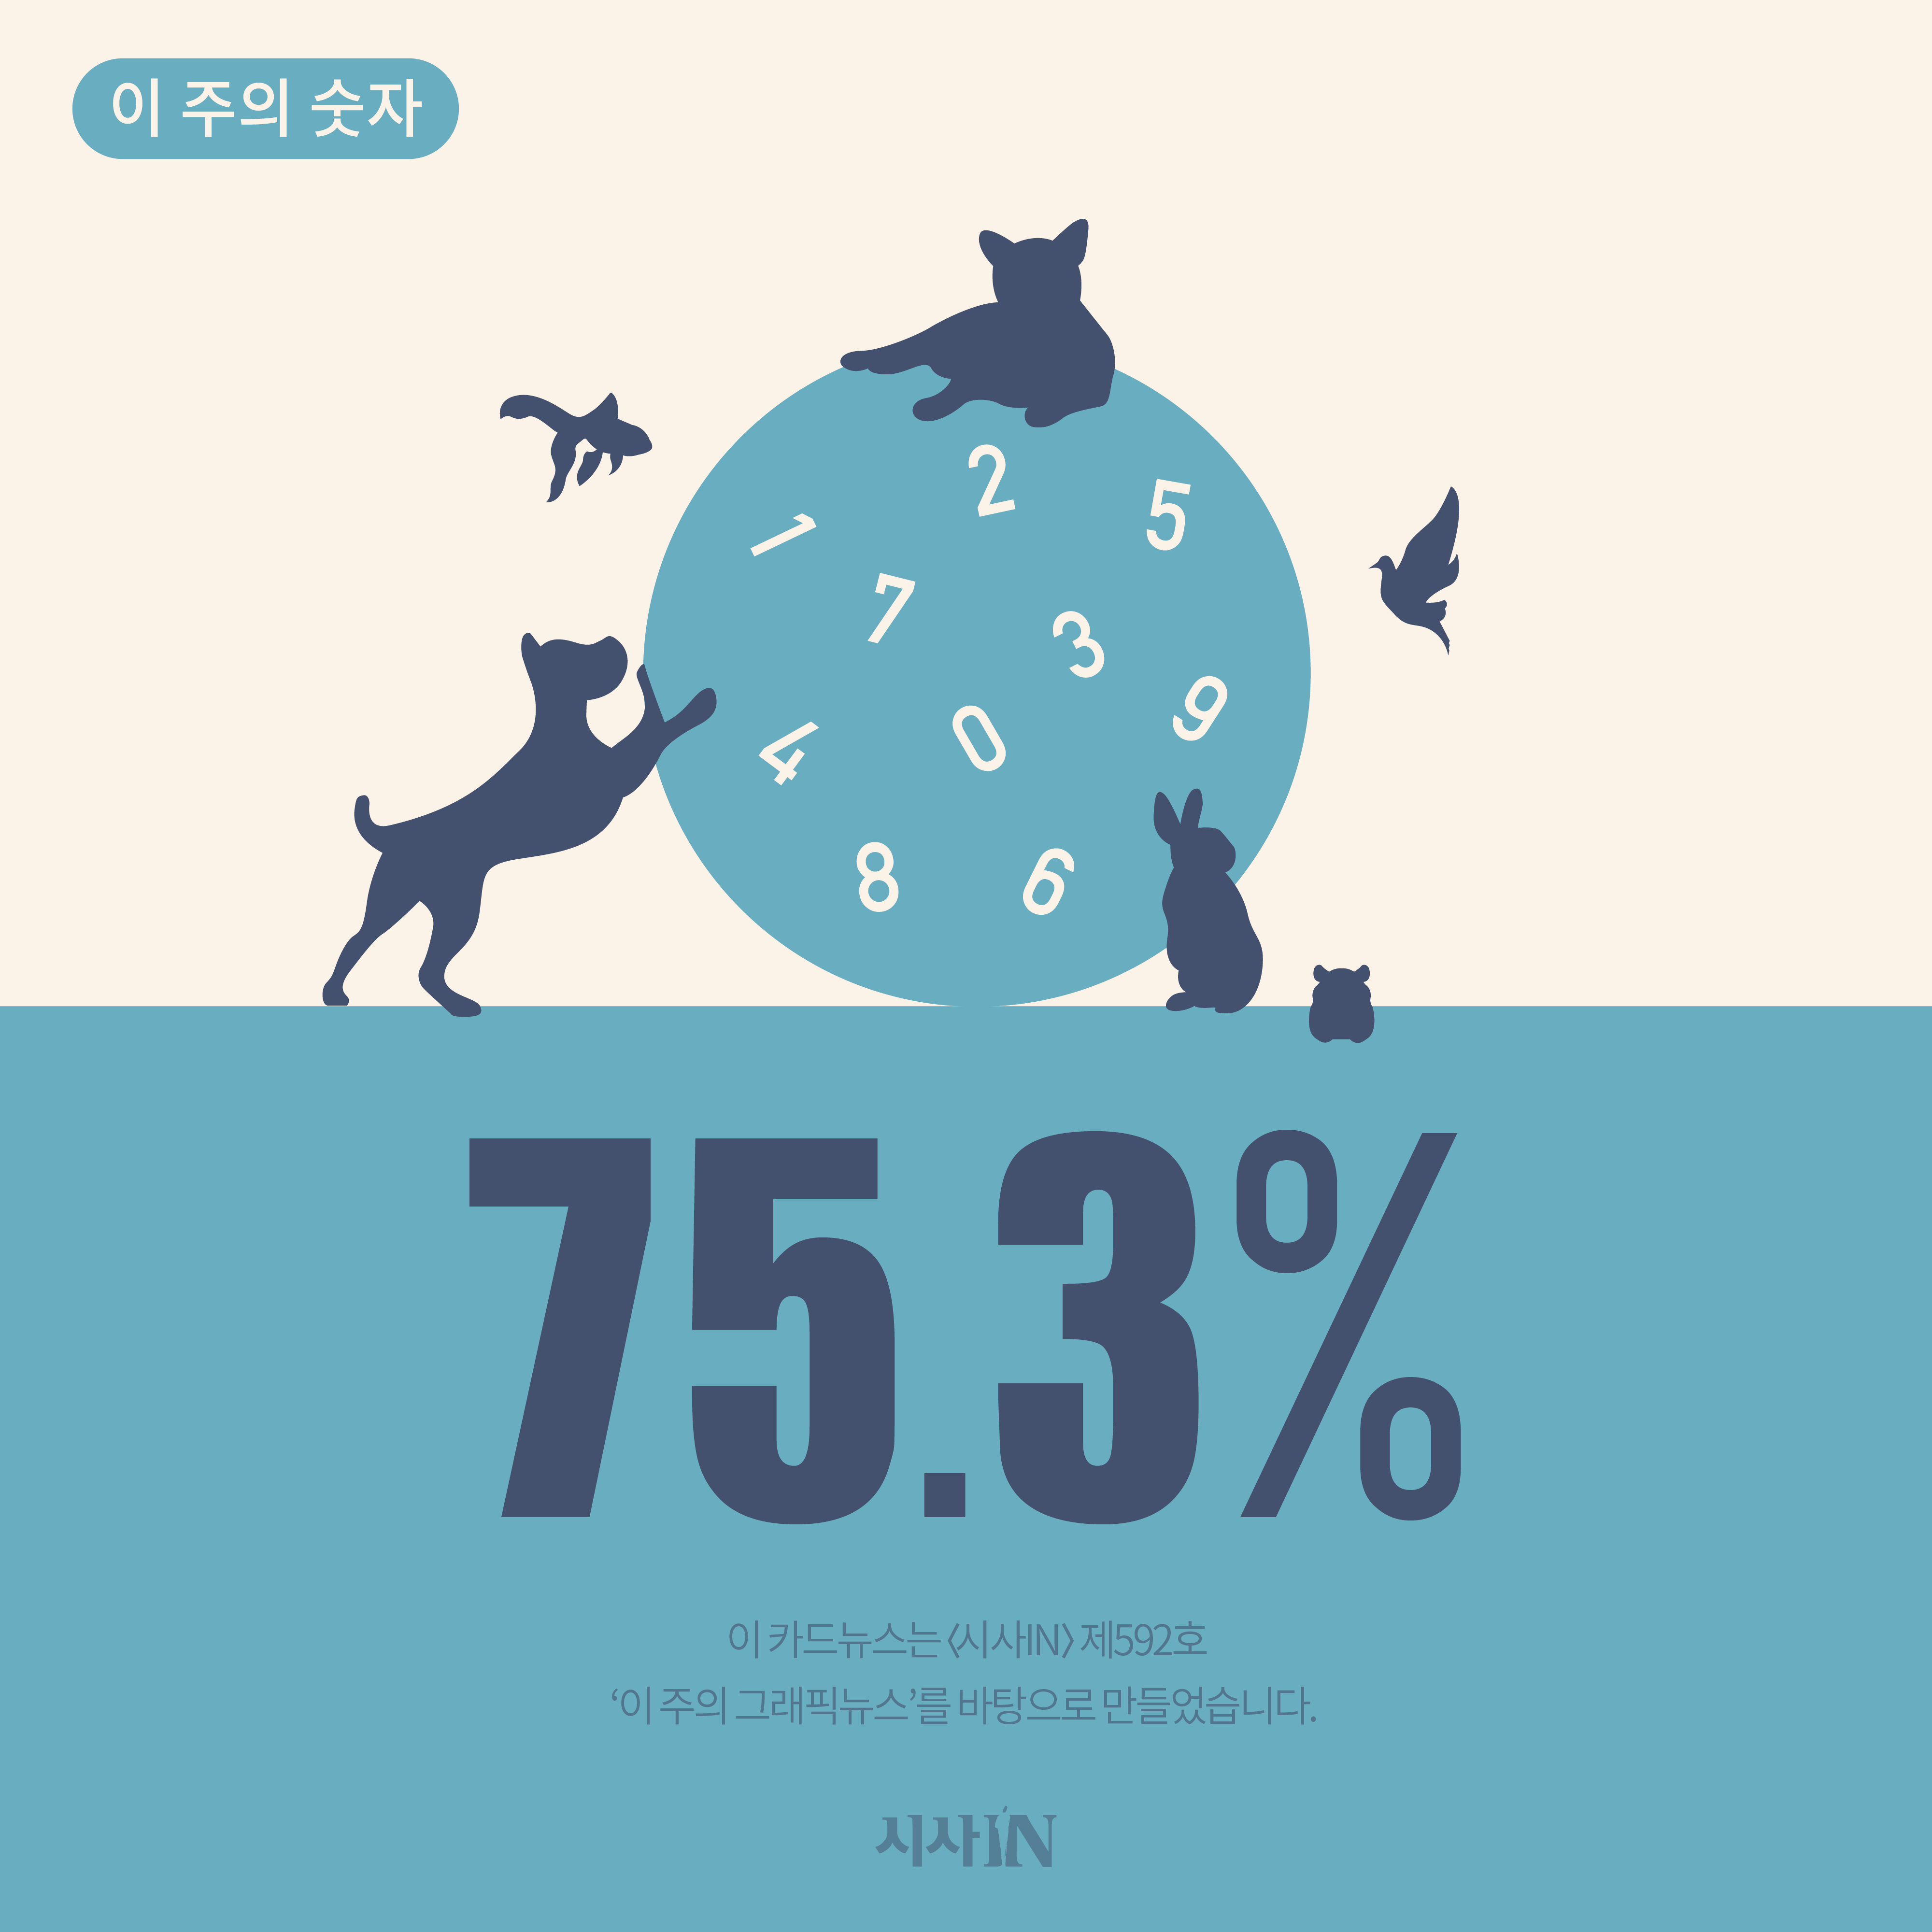 [카드뉴스] 이 주의 숫자 66.2%